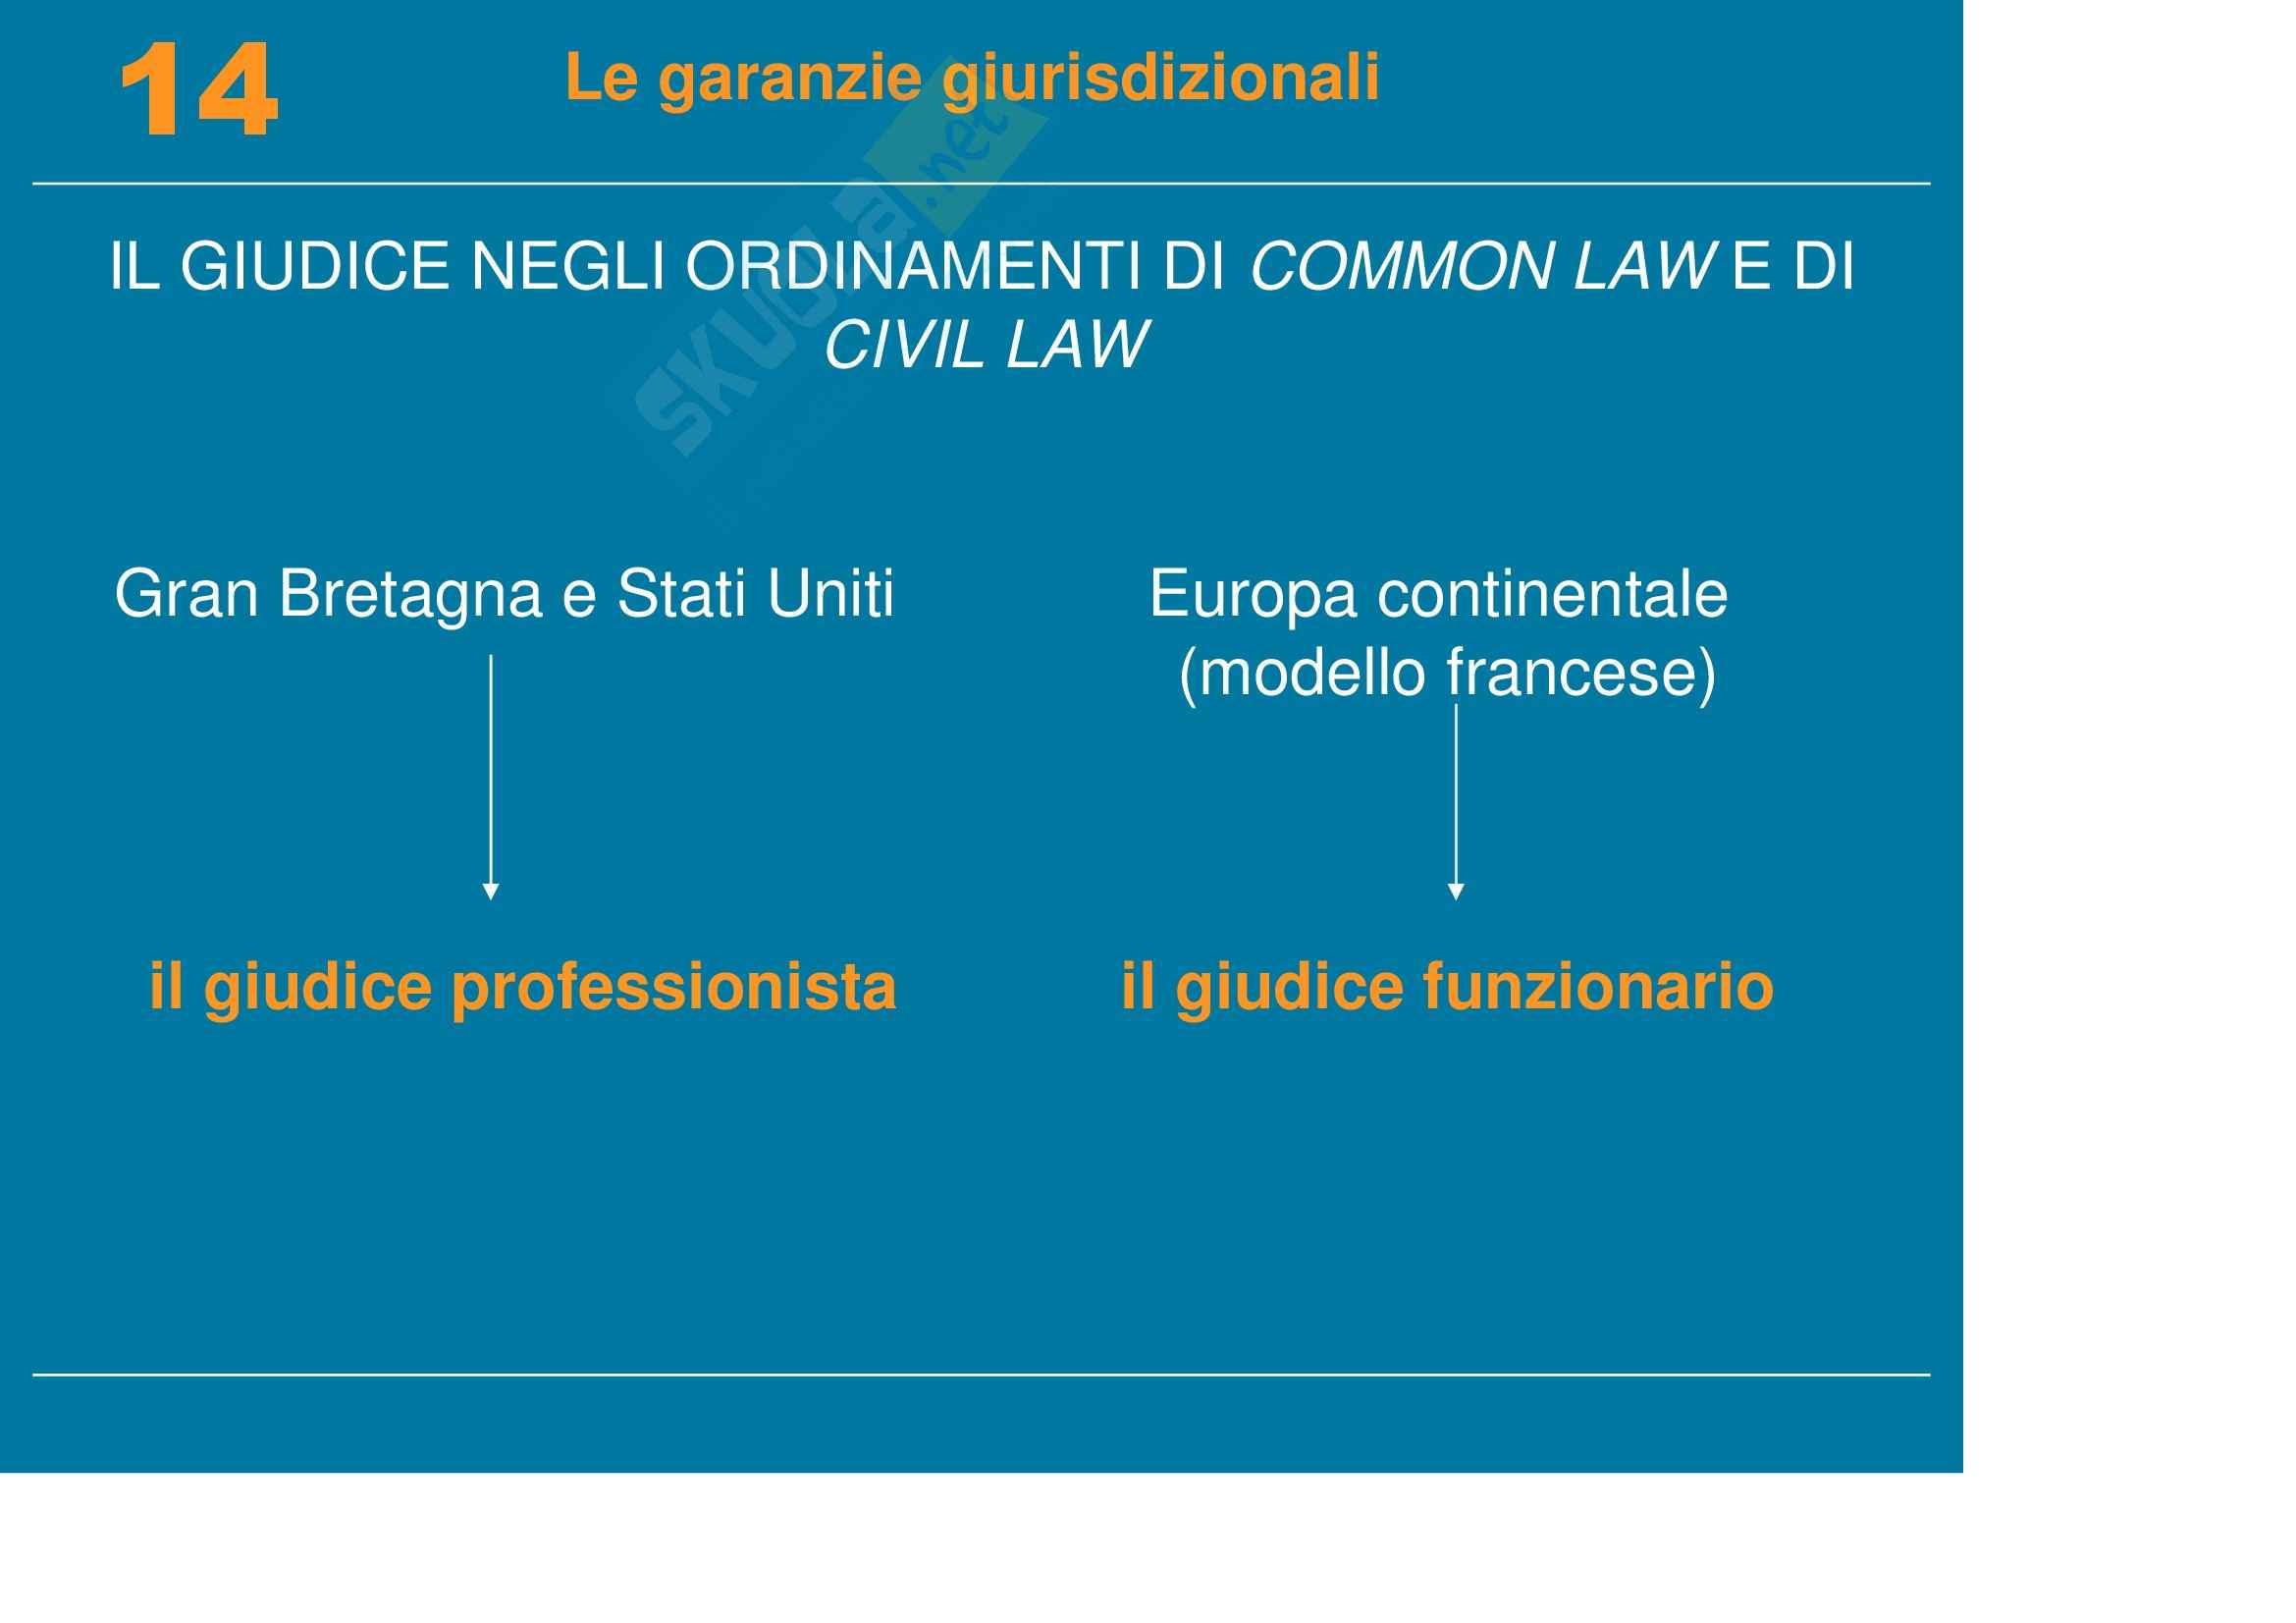 Diritto pubblico, dell'informazione e della comunicazione - le garanzie giurisdizionali Pag. 2